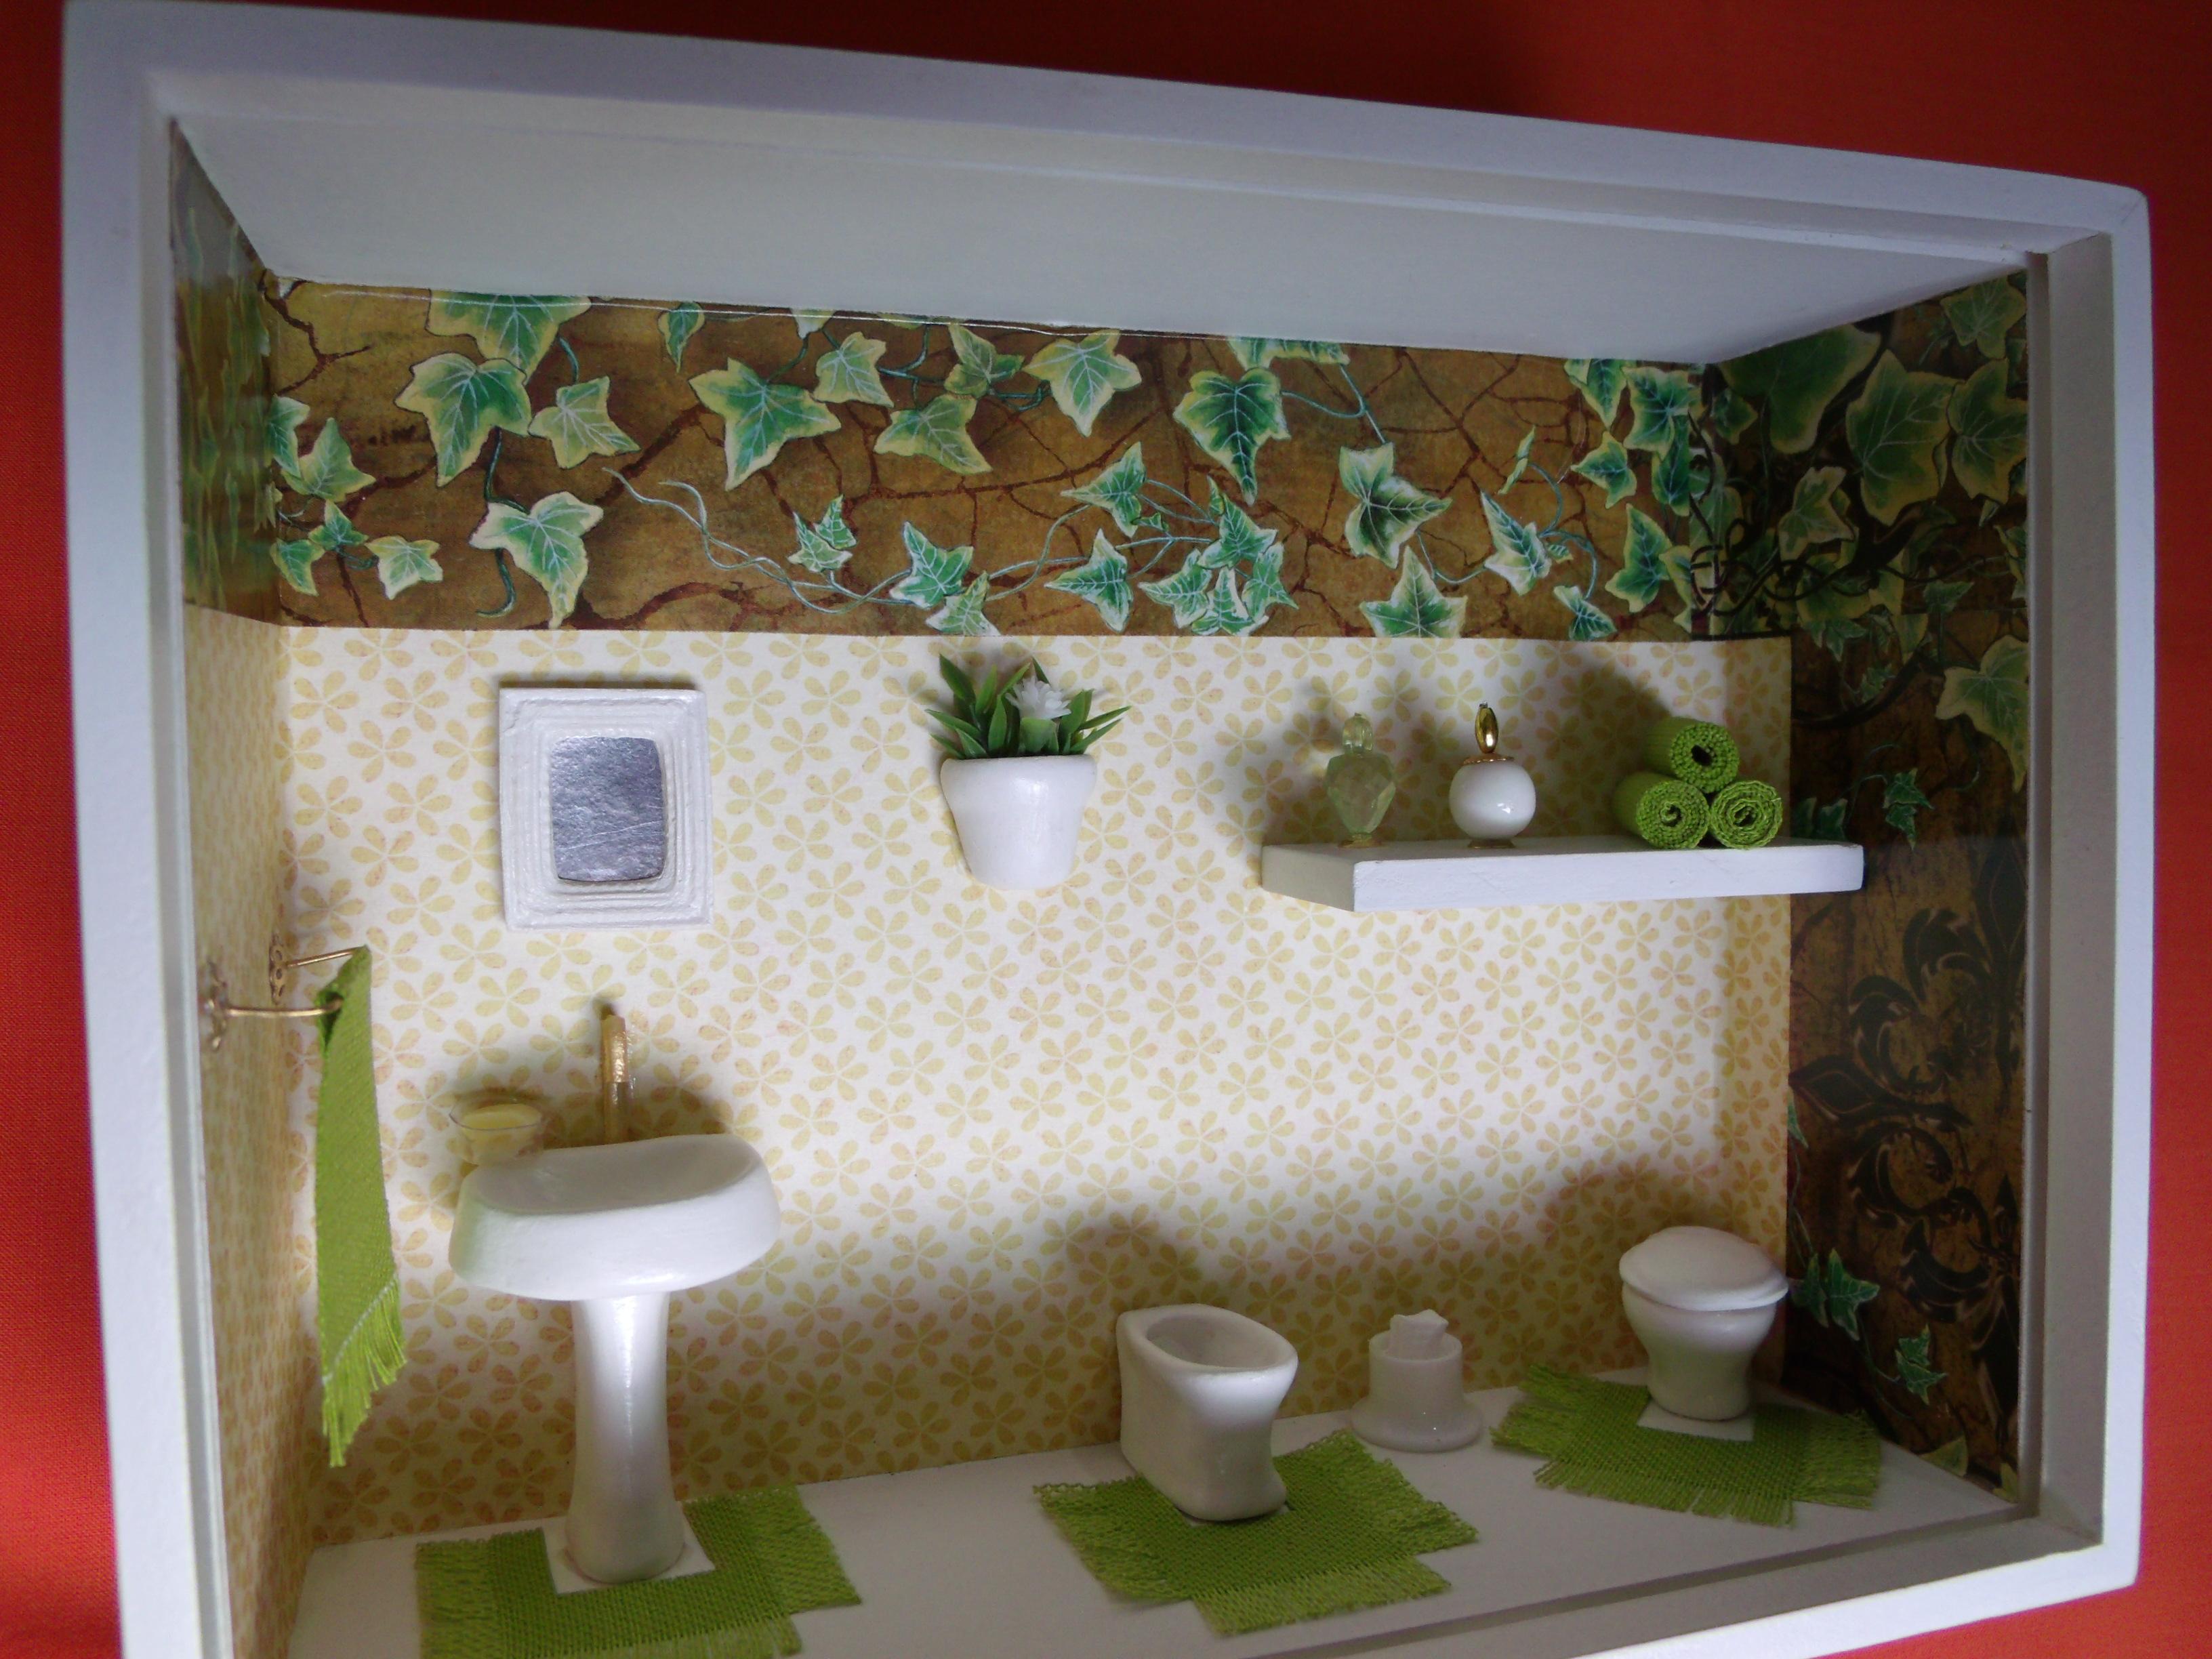 nicho de banheiro n presentes nicho de banheiro n quadro para banheiro #A0312B 3264x2448 Banheiro Com Nicho